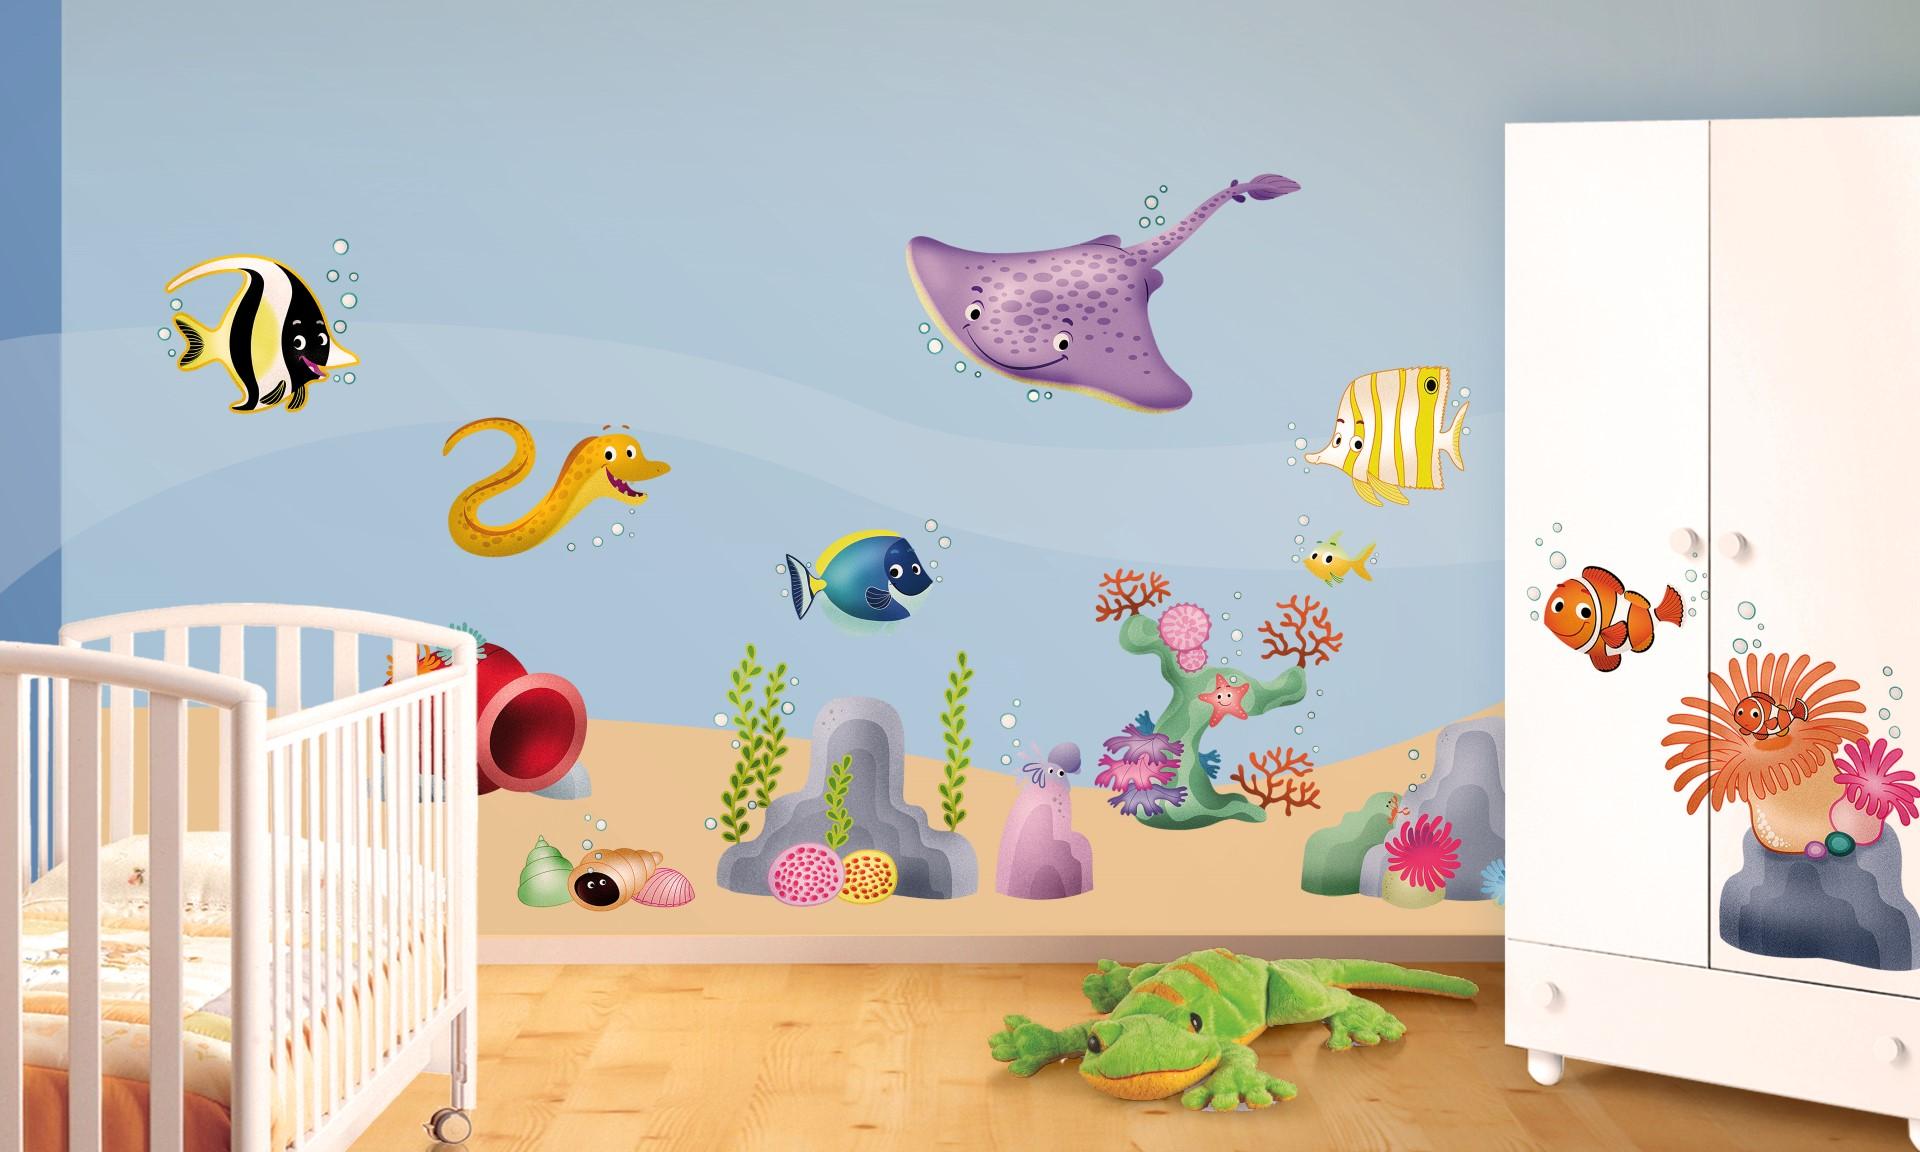 Decorazioni murali camerette bambini disegno idea adesivi - Murales cameretta bimbi ...